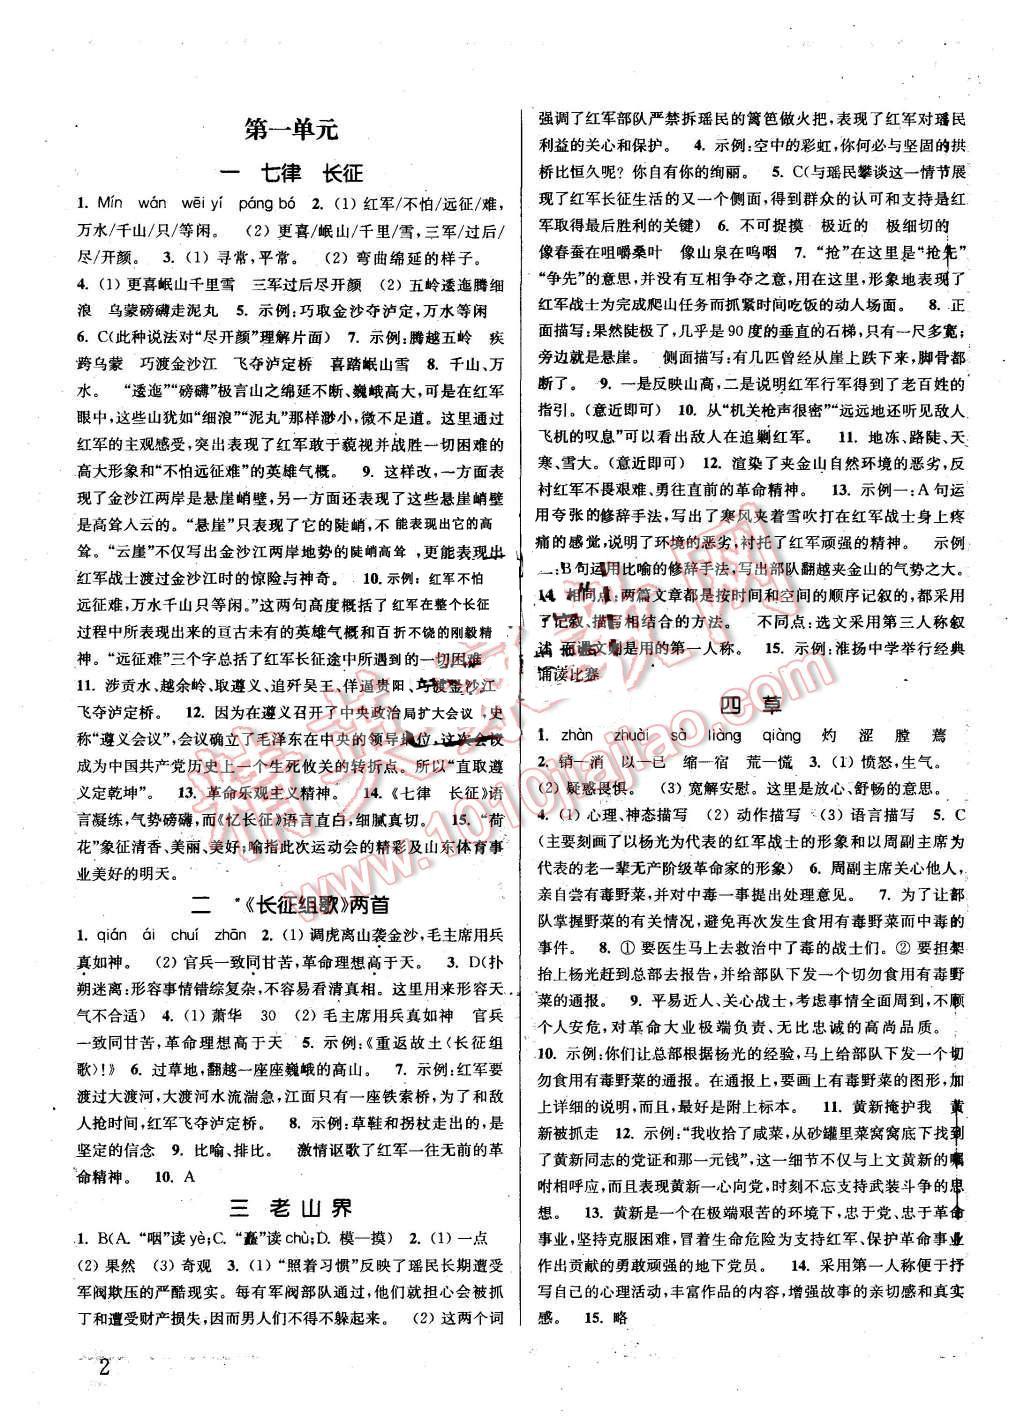 2015年通城学典课时作业本八年级语文上册江苏版第1页